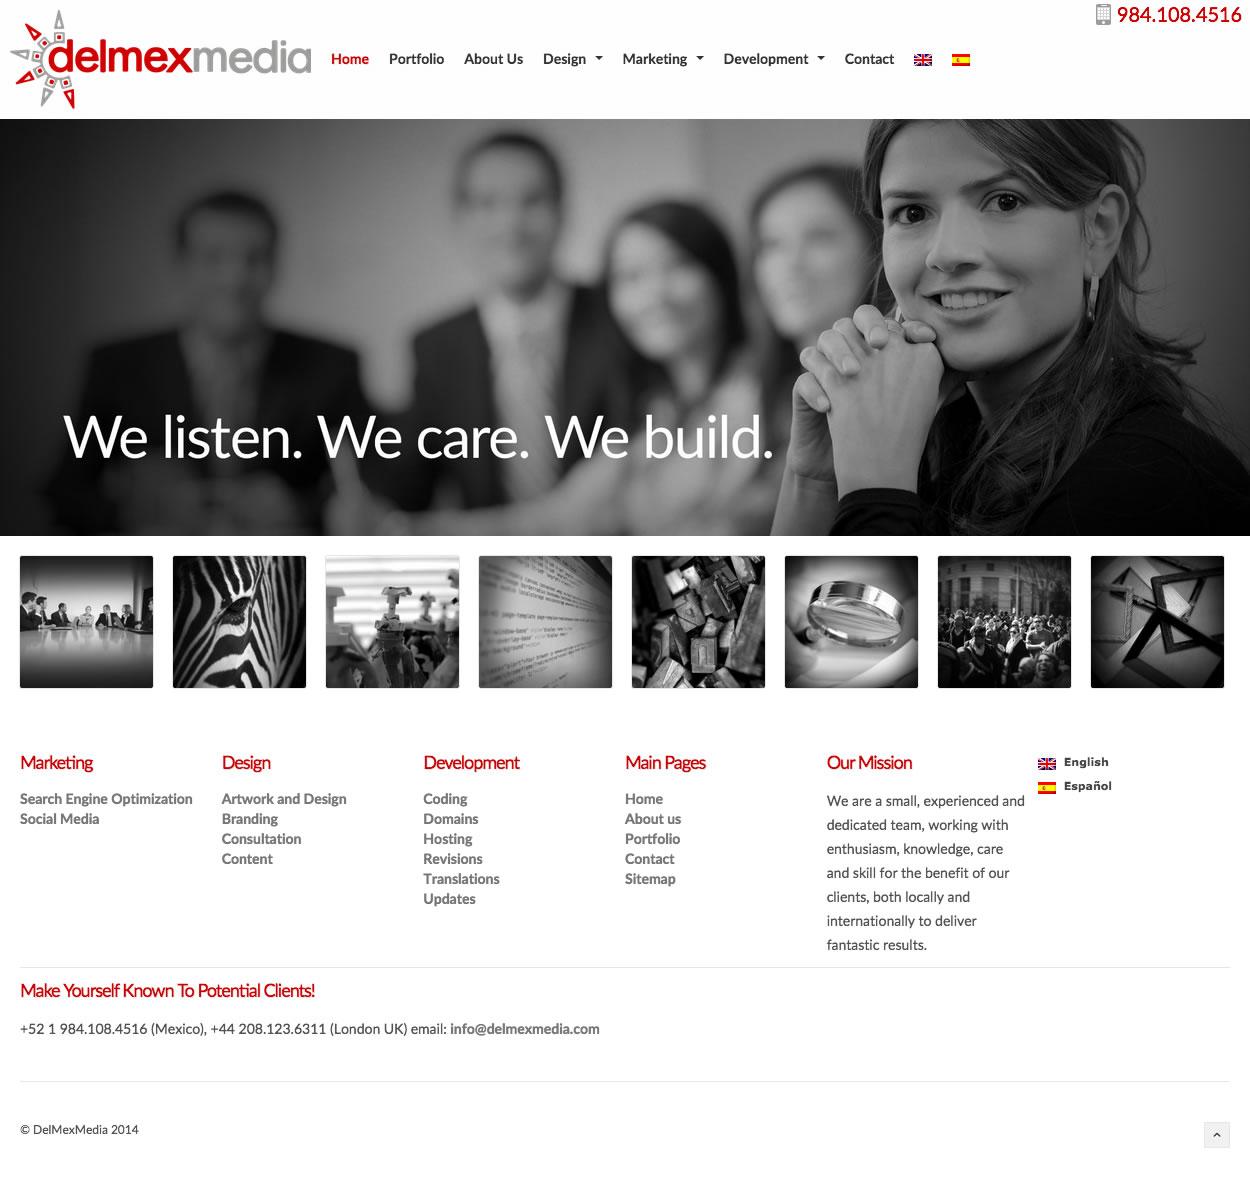 DelmexMedia -  Homepage